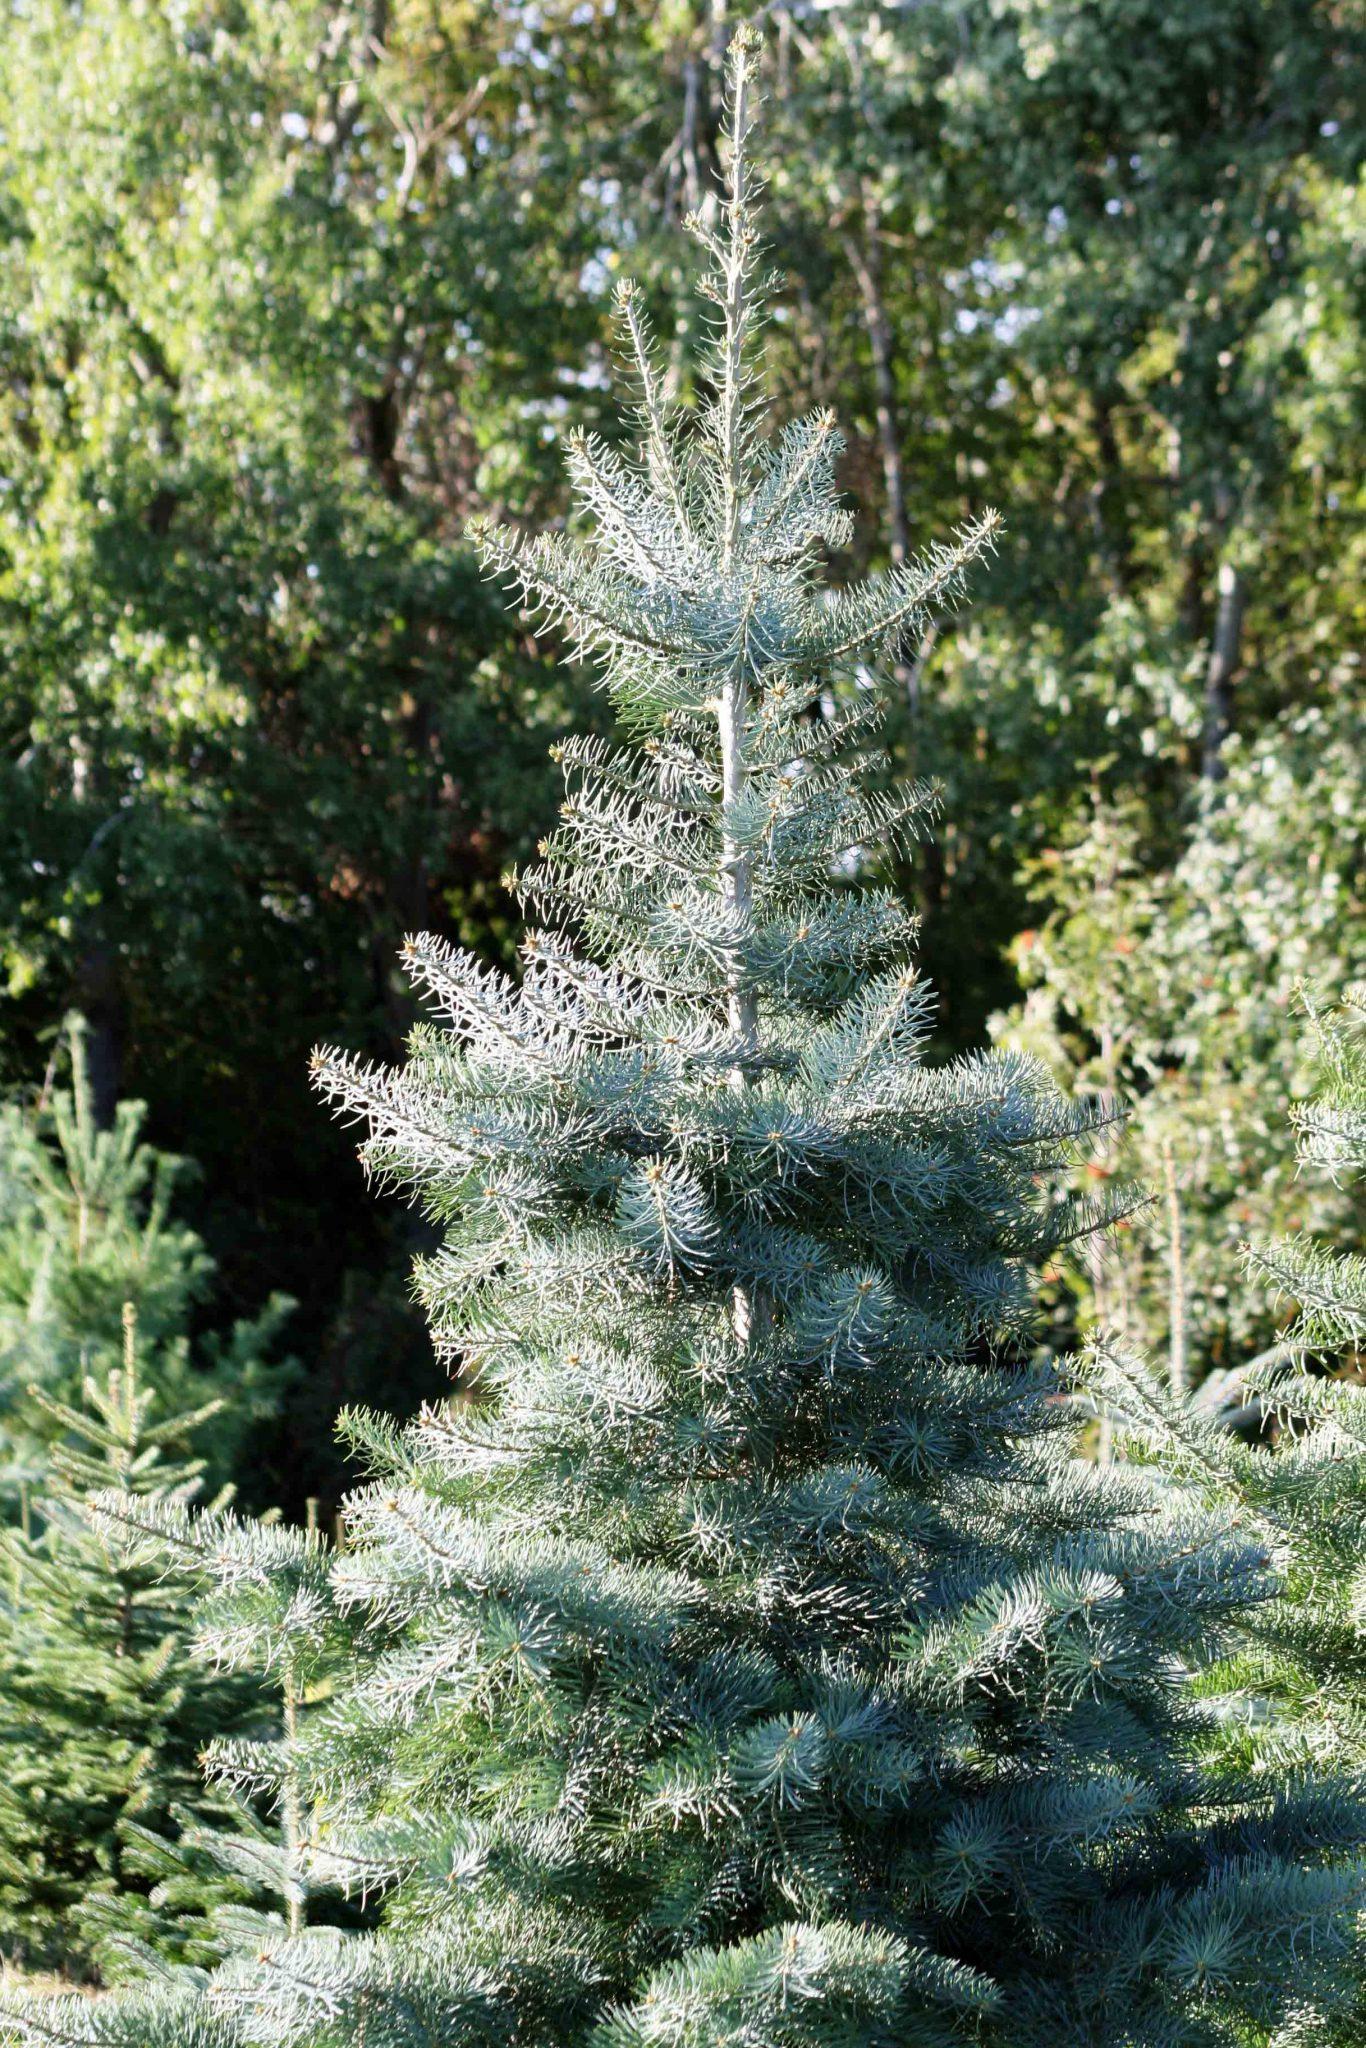 Coloradotanne ganzer Baum_bearbeitet